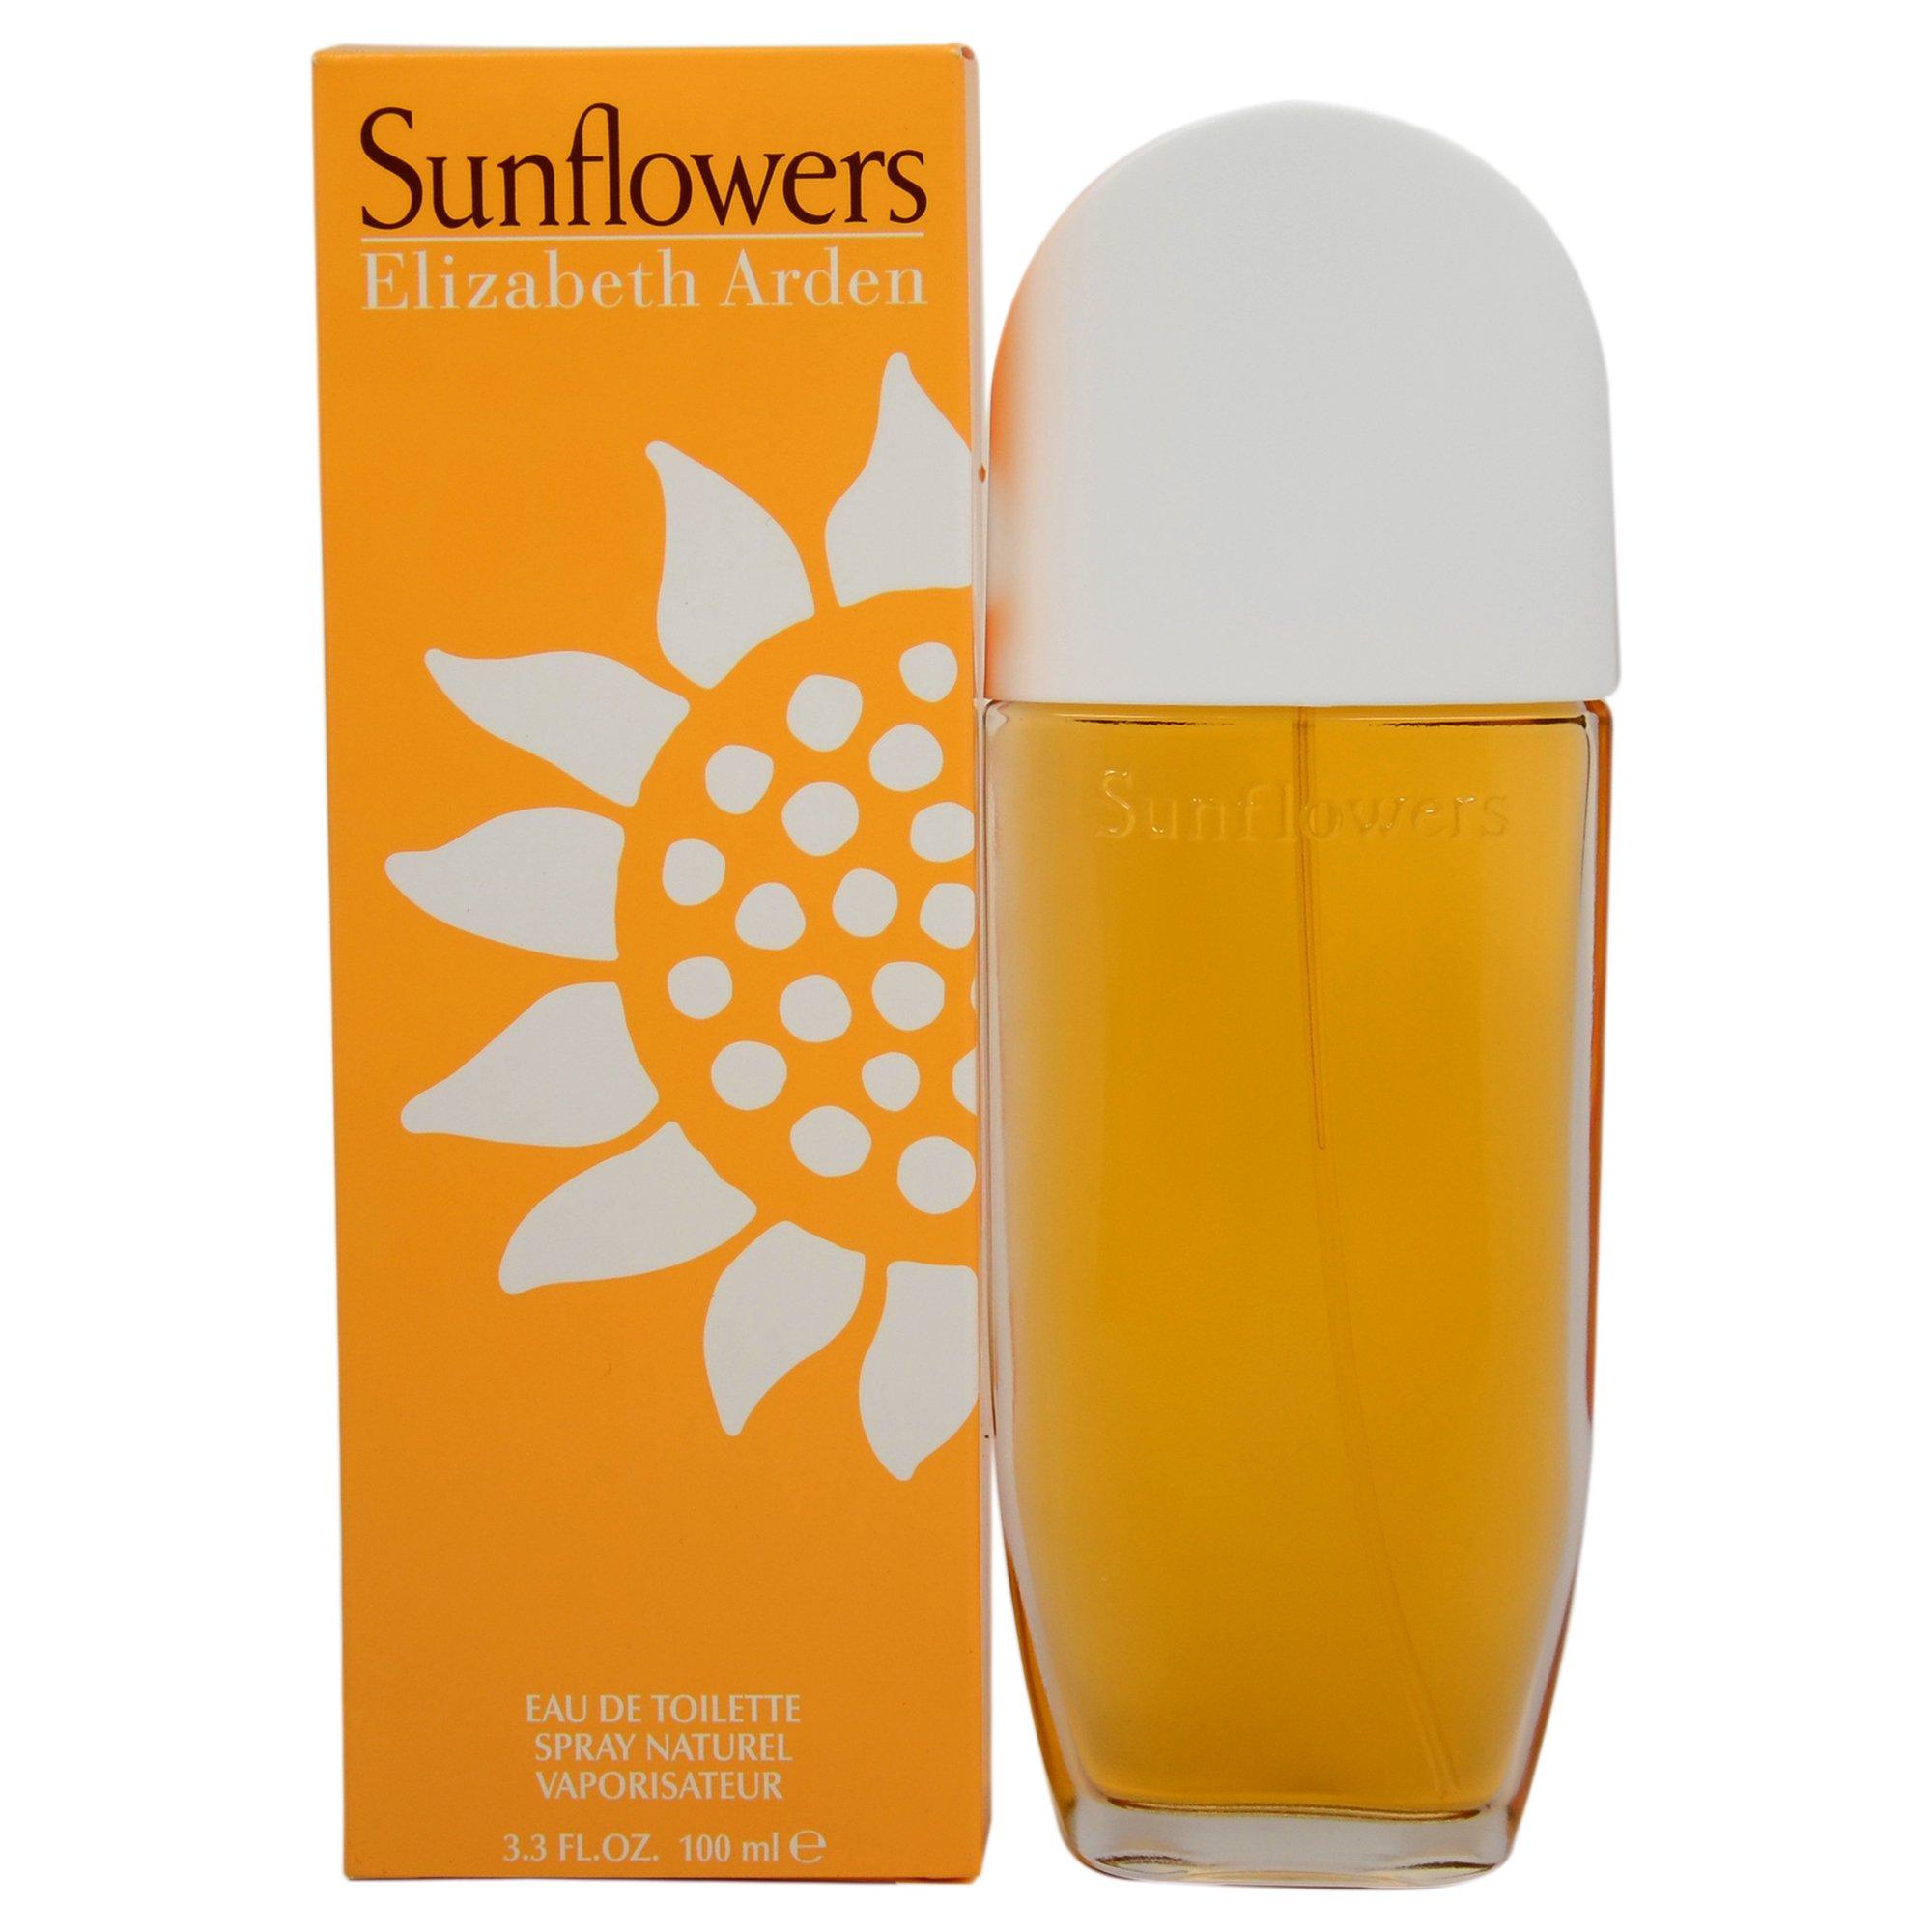 Elizabeth Arden - Sunflowers - Agua De Tocador Vaporizador, 100 ml product image